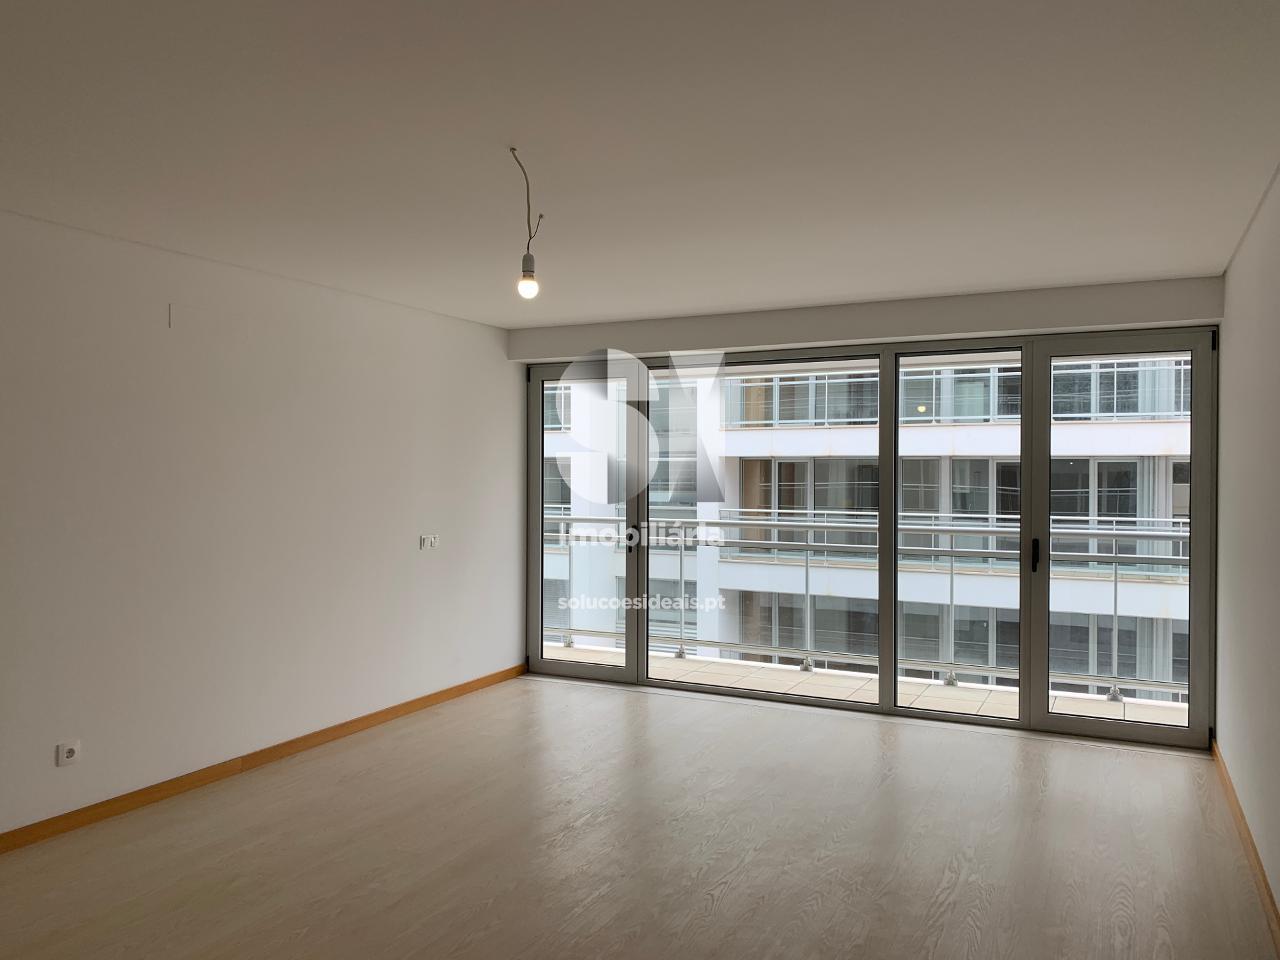 apartamento t2 para compra em figueira da foz buarcos e sao juliao buarcos FIG2565